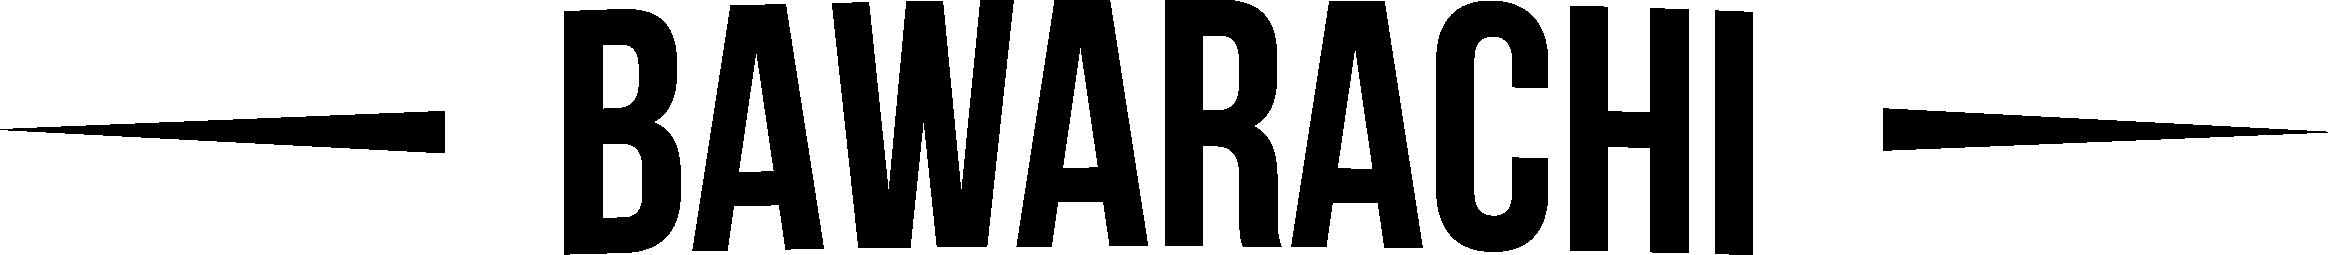 Bawarchi AB